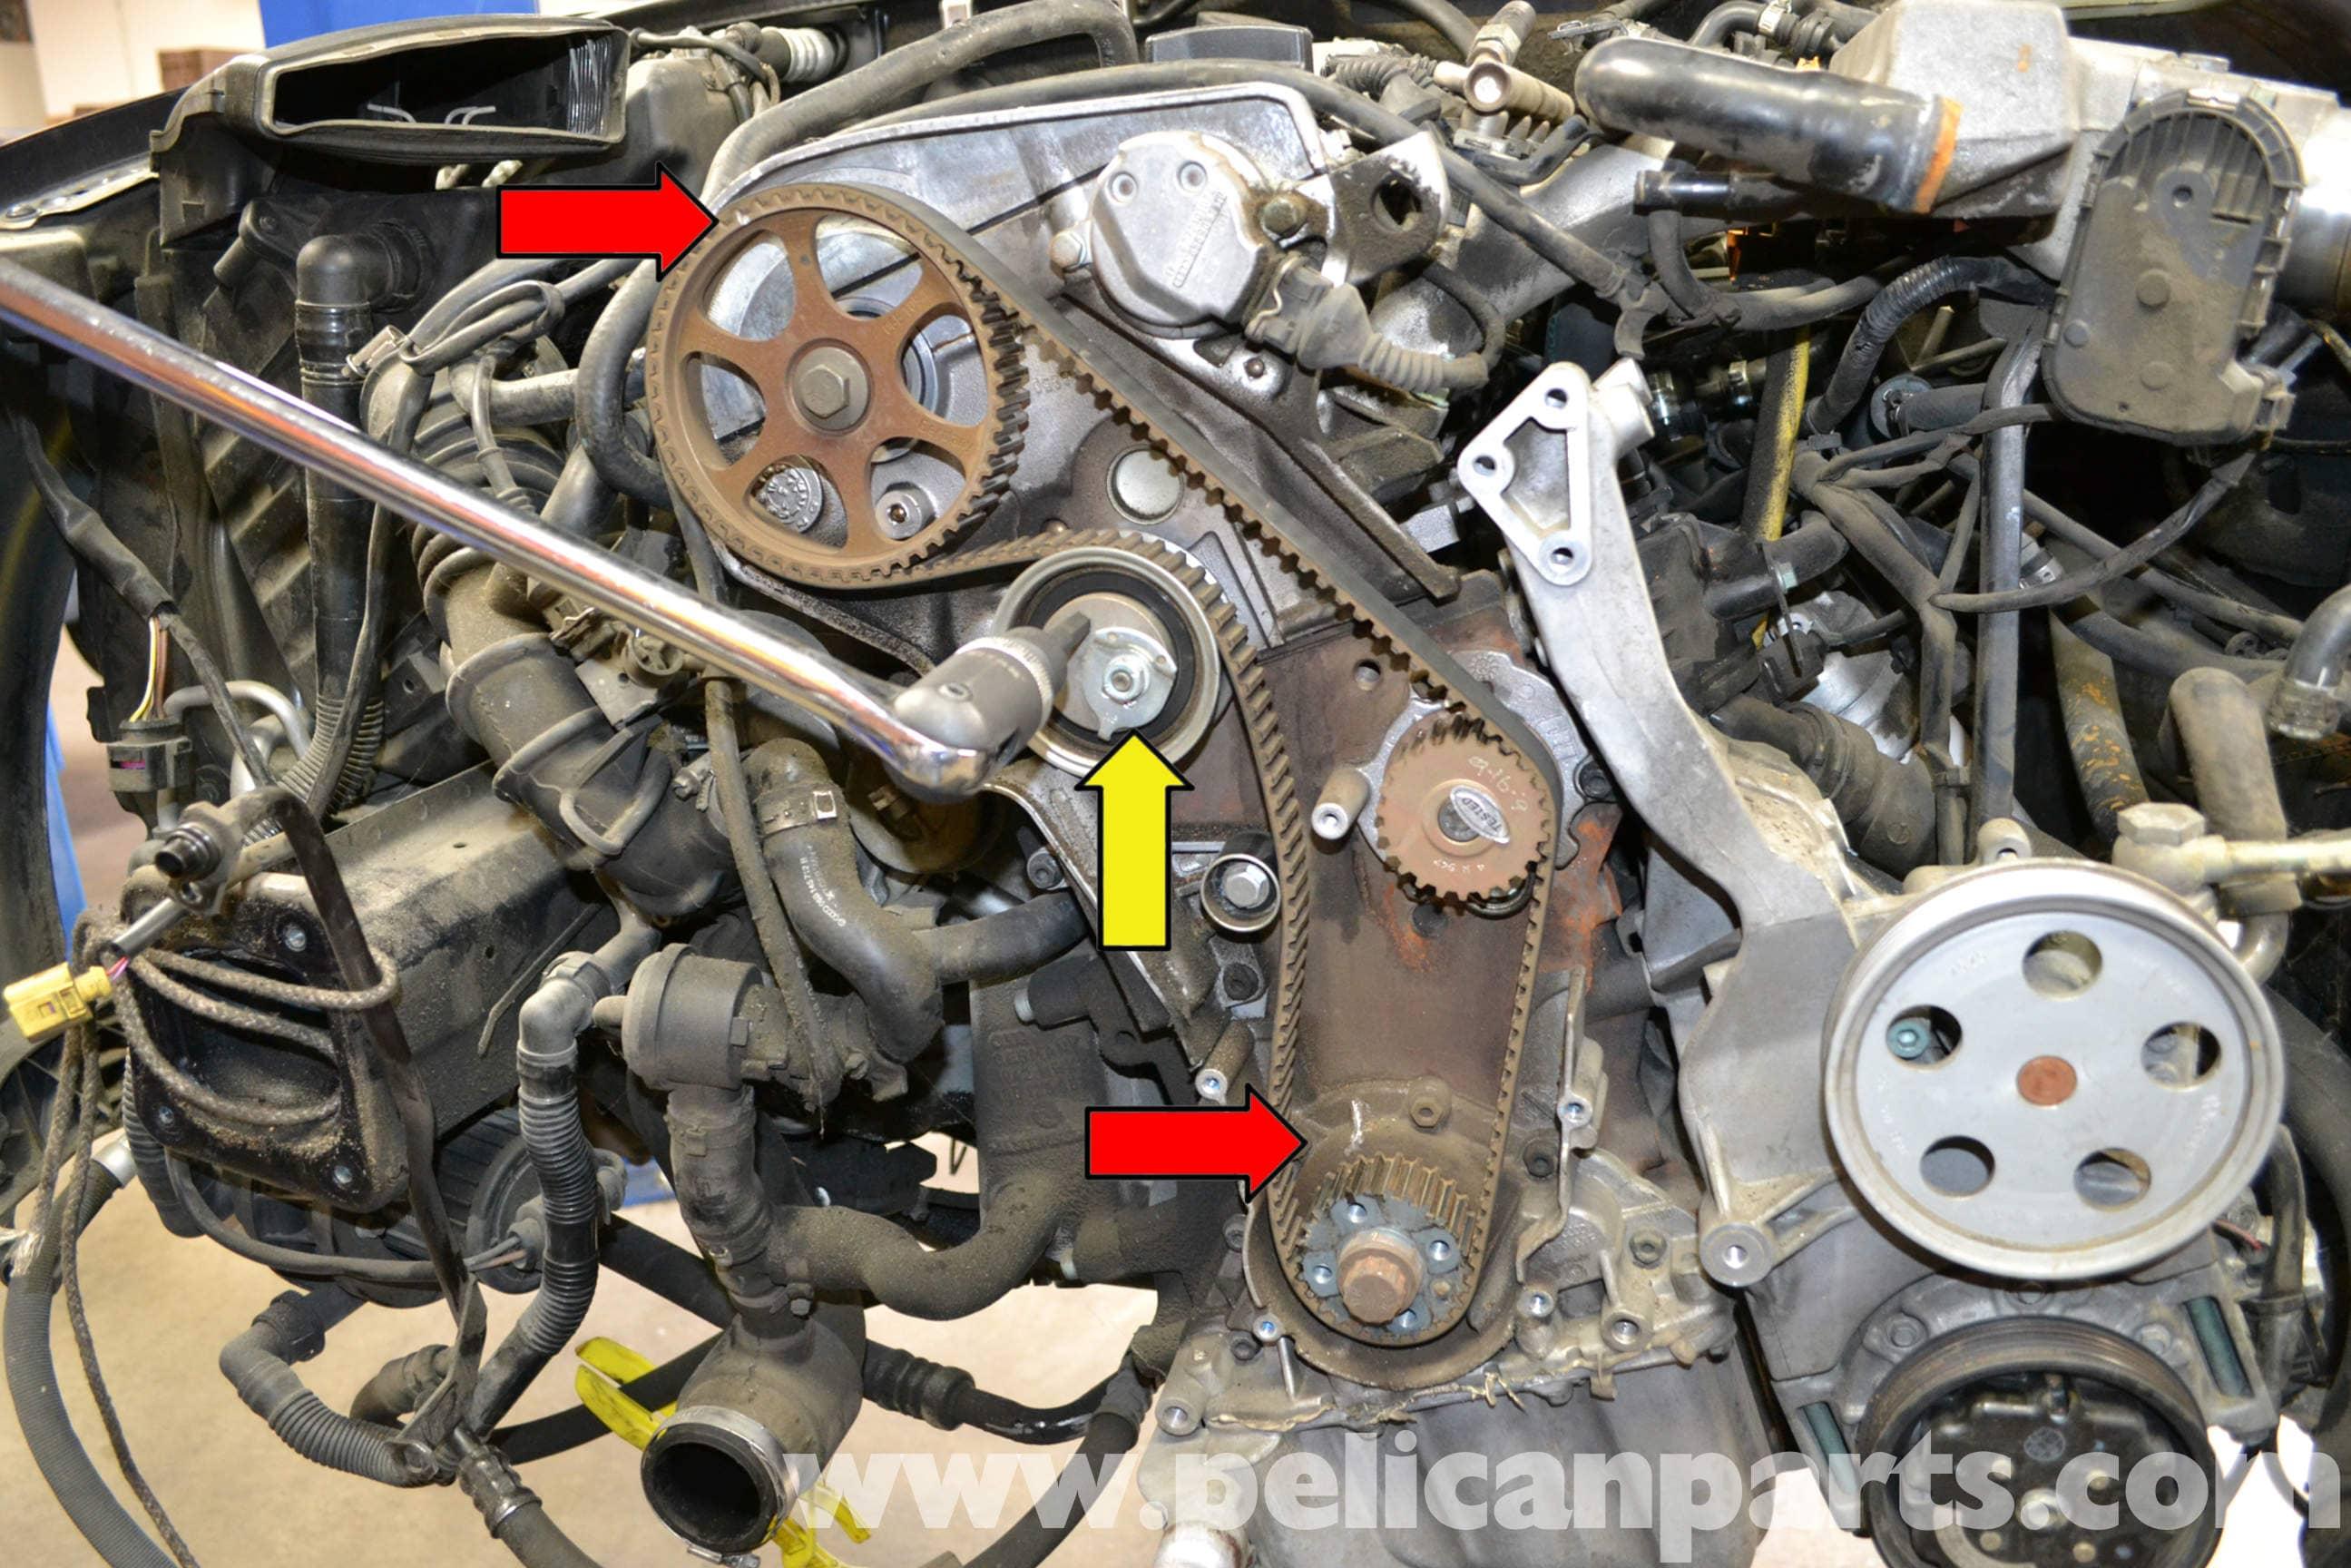 Audi A4 B6 Timing Belt Tensioner Replacement (1.8T 2002-2008 ... Audi Timing Belt on daihatsu timing belt, audi brake pads, cadillac timing belt, audi grille, audi muffler, audi valve cover gasket, audi radiator, audi timing chain, a6 timing belt, audi spark plugs, mustang timing belt, audi water pump, mini timing belt, dodge timing belt, 2002 camry timing belt, mercedes benz timing belt, geo timing belt, audi control arm, mitsubishi timing belt, audi fuel pump, audi alternator, chevrolet timing belt, sterling timing belt, porsche timing belt, jetta timing belt, audi struts, fiat timing belt, boxster timing belt, bmw timing belt, audi catalytic converter, gmc timing belt, audi oxygen sensor, smart timing belt, audi thermostat, audi repair manual, infiniti timing belt, audi oil filter, audi exhaust,